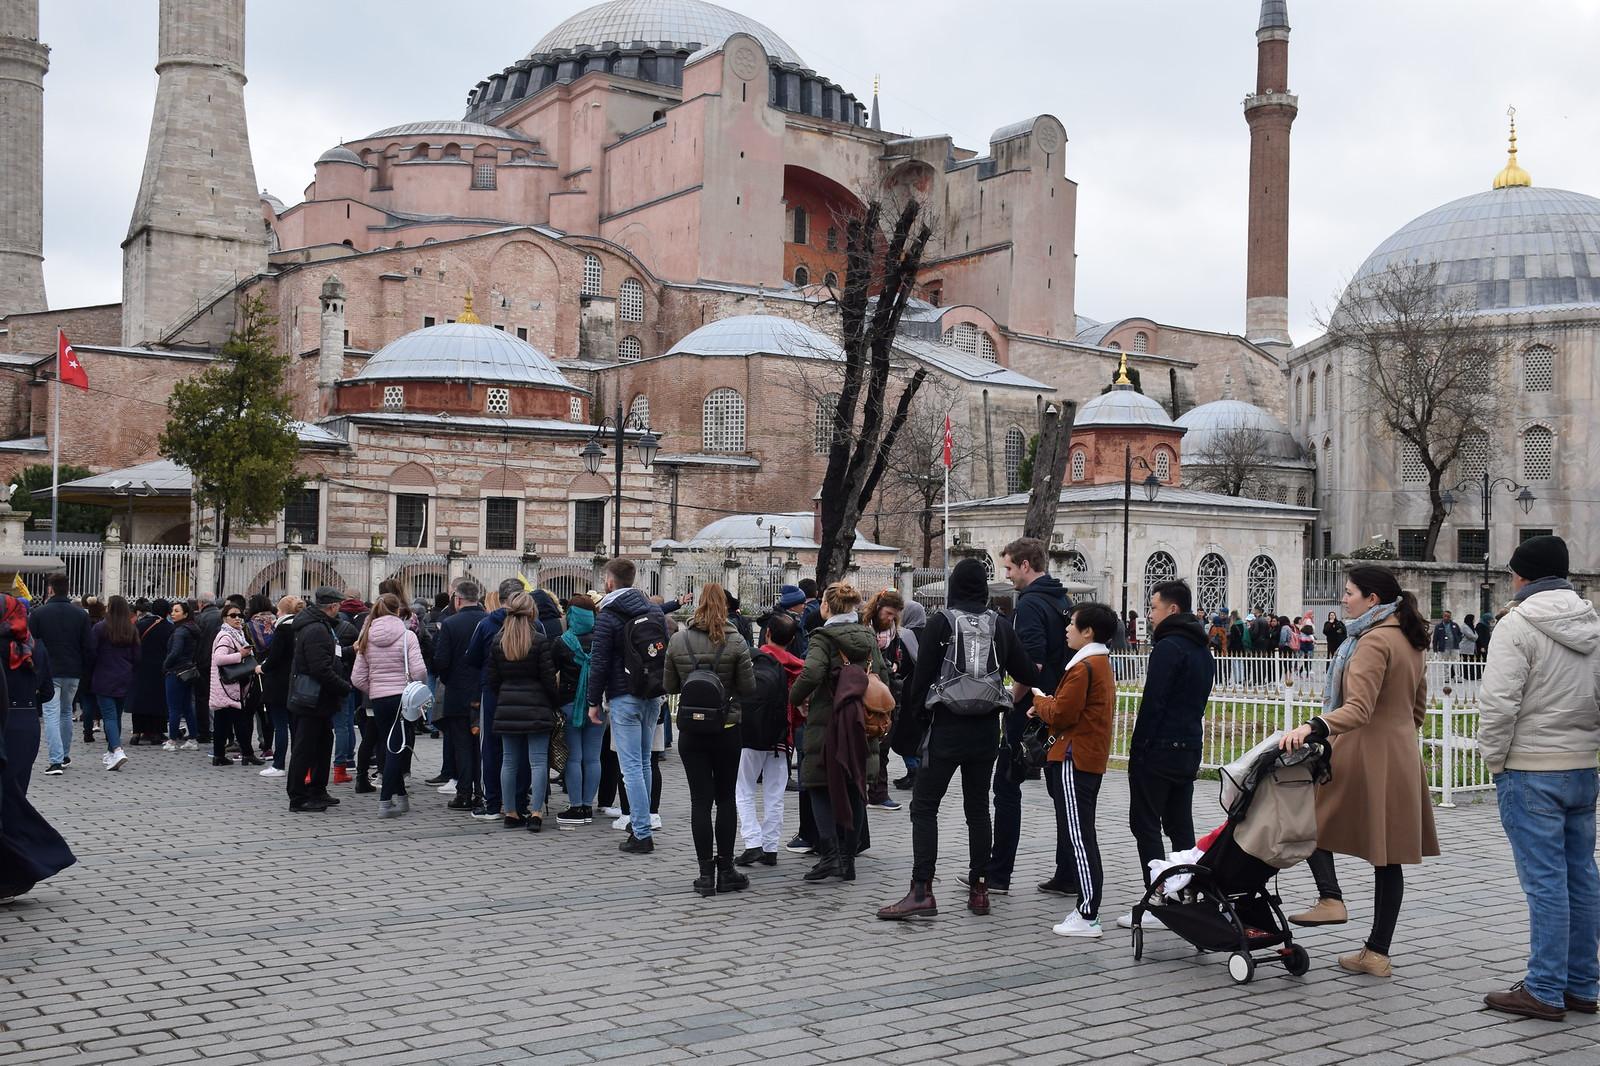 Esperando para entrar en Hagia Sophia